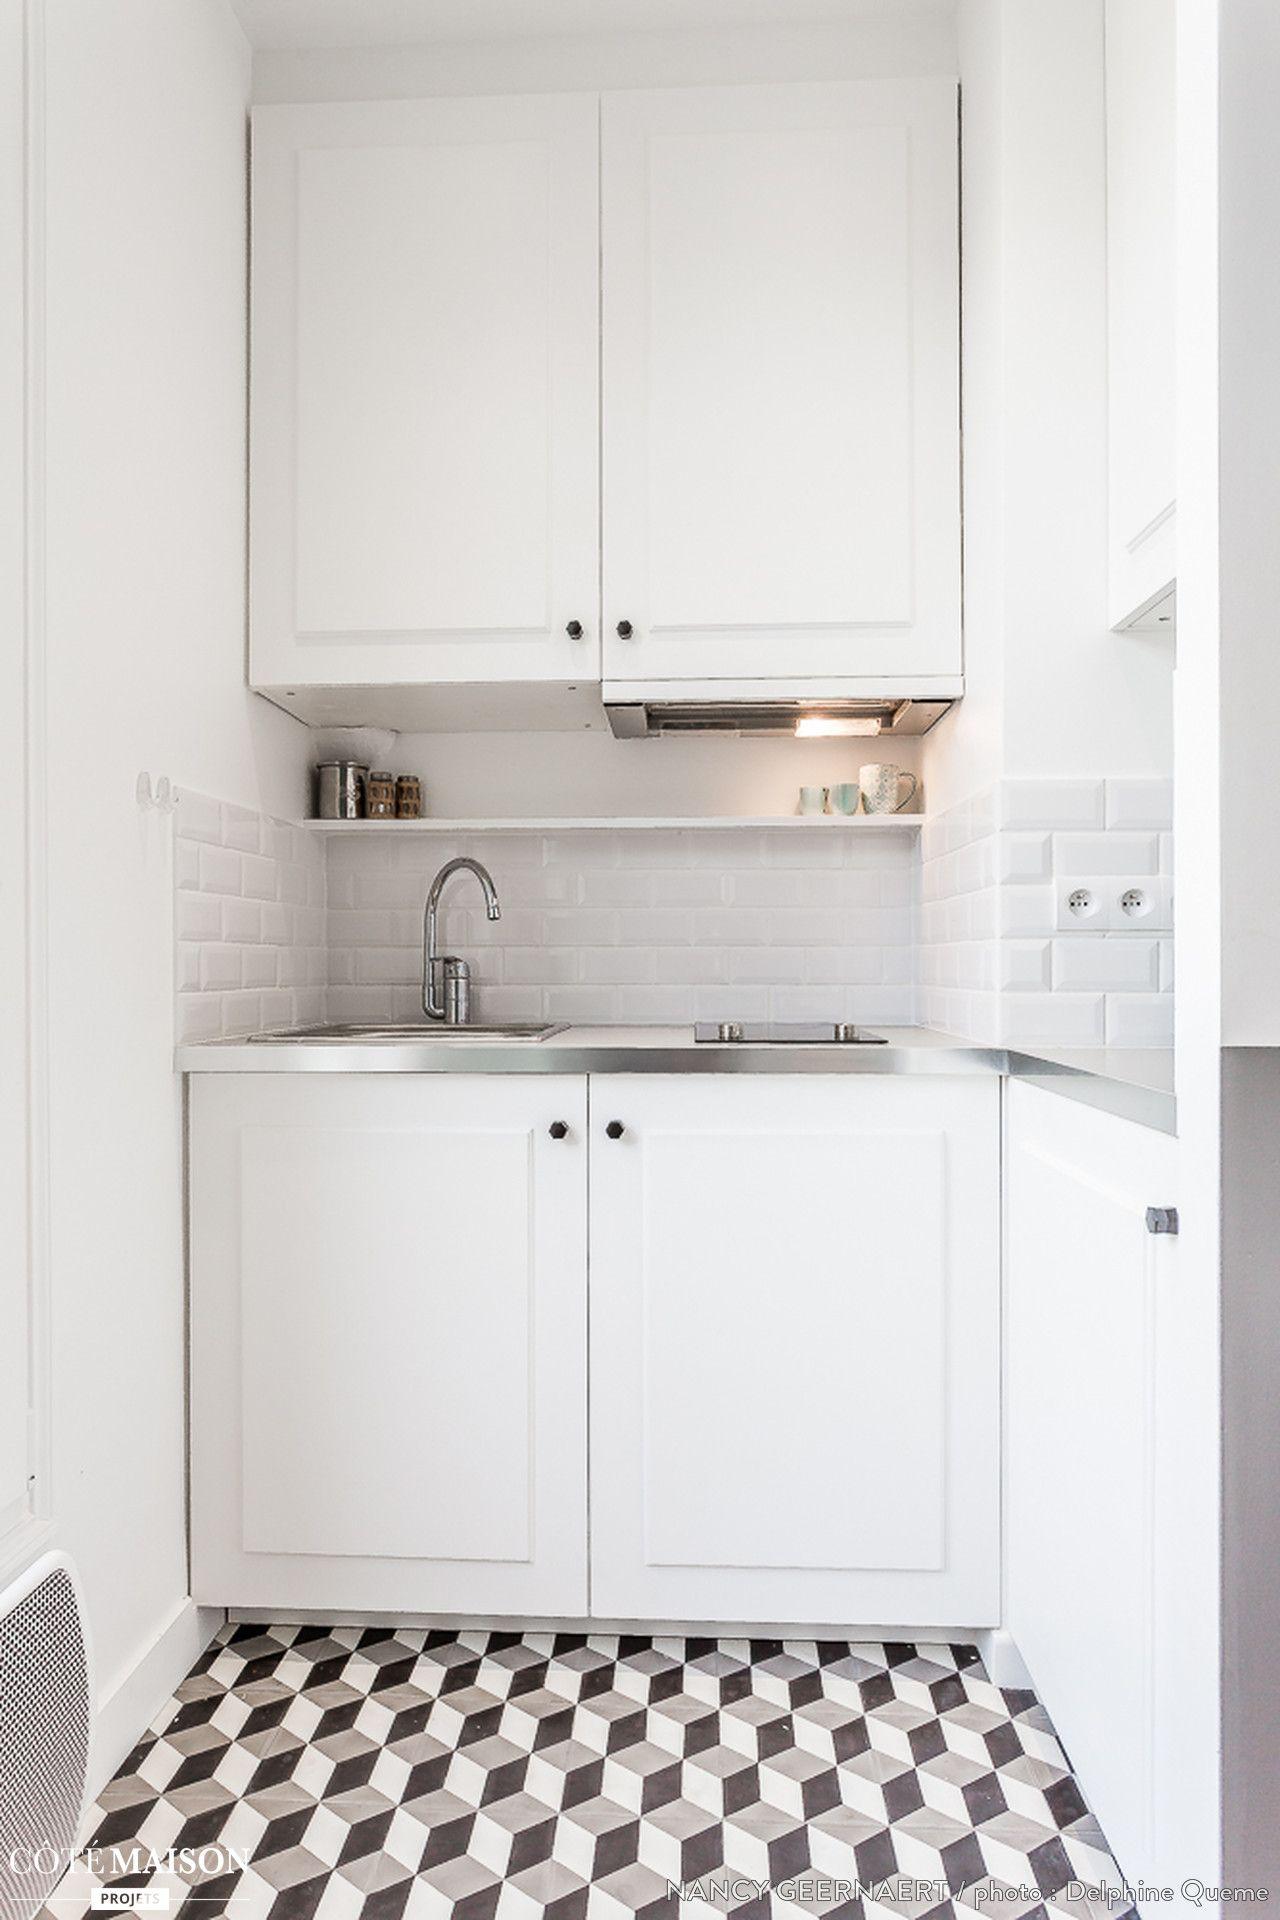 Petite cuisine blanche avec sol noir et blanc en carreaux de ciment ...